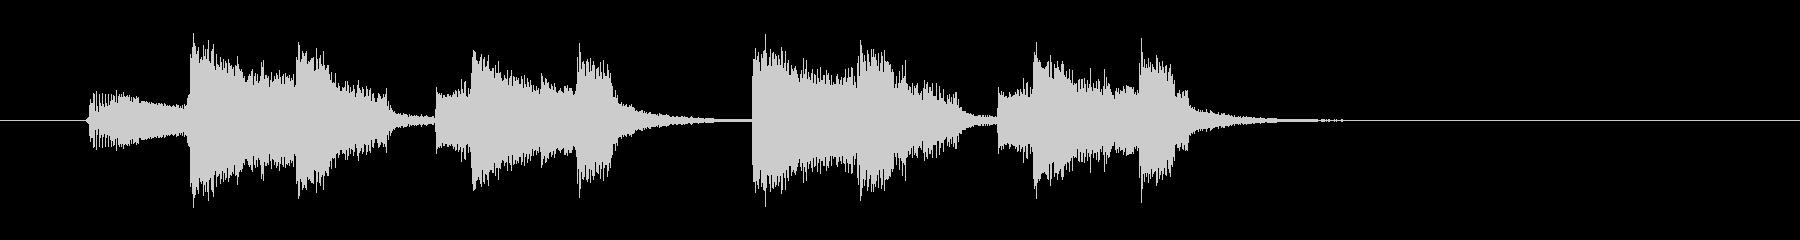 インパクトのあるエレキギターのジングルの未再生の波形